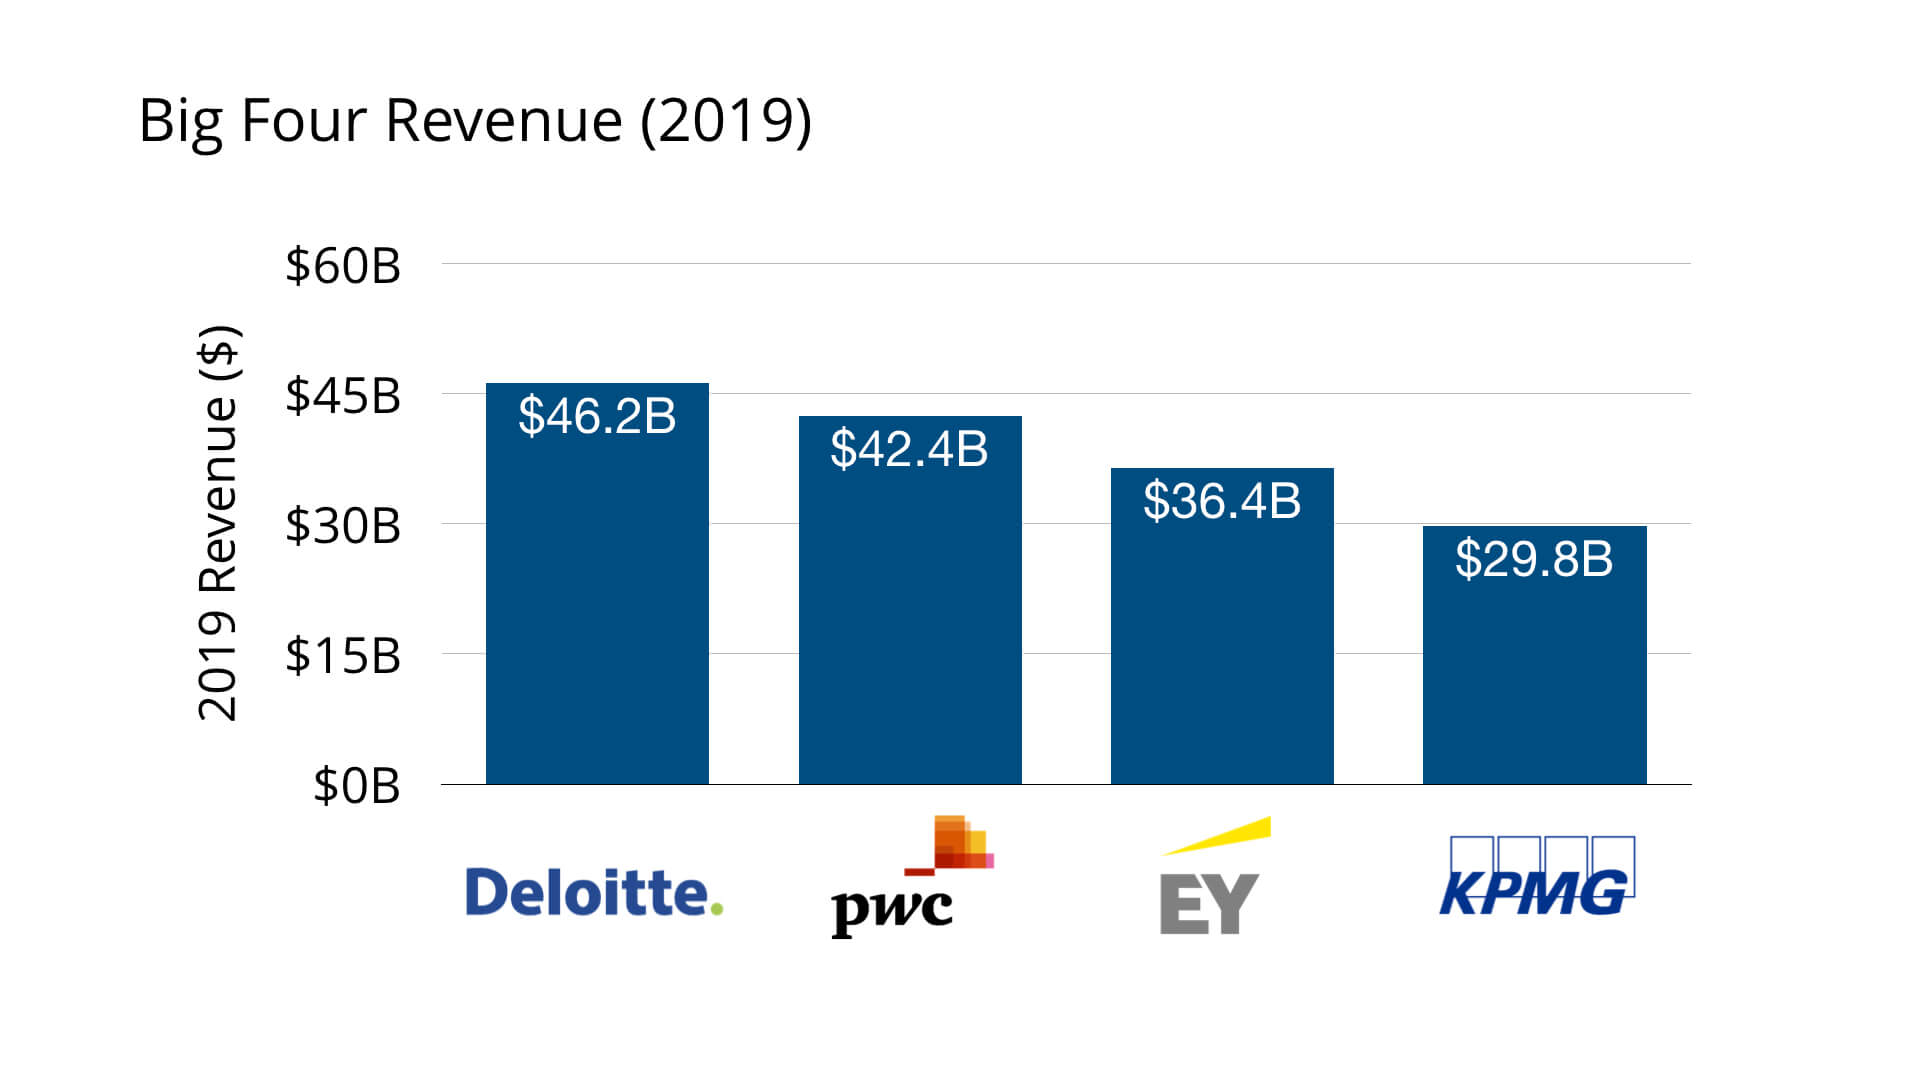 Big Four Accounting Firms Revenue